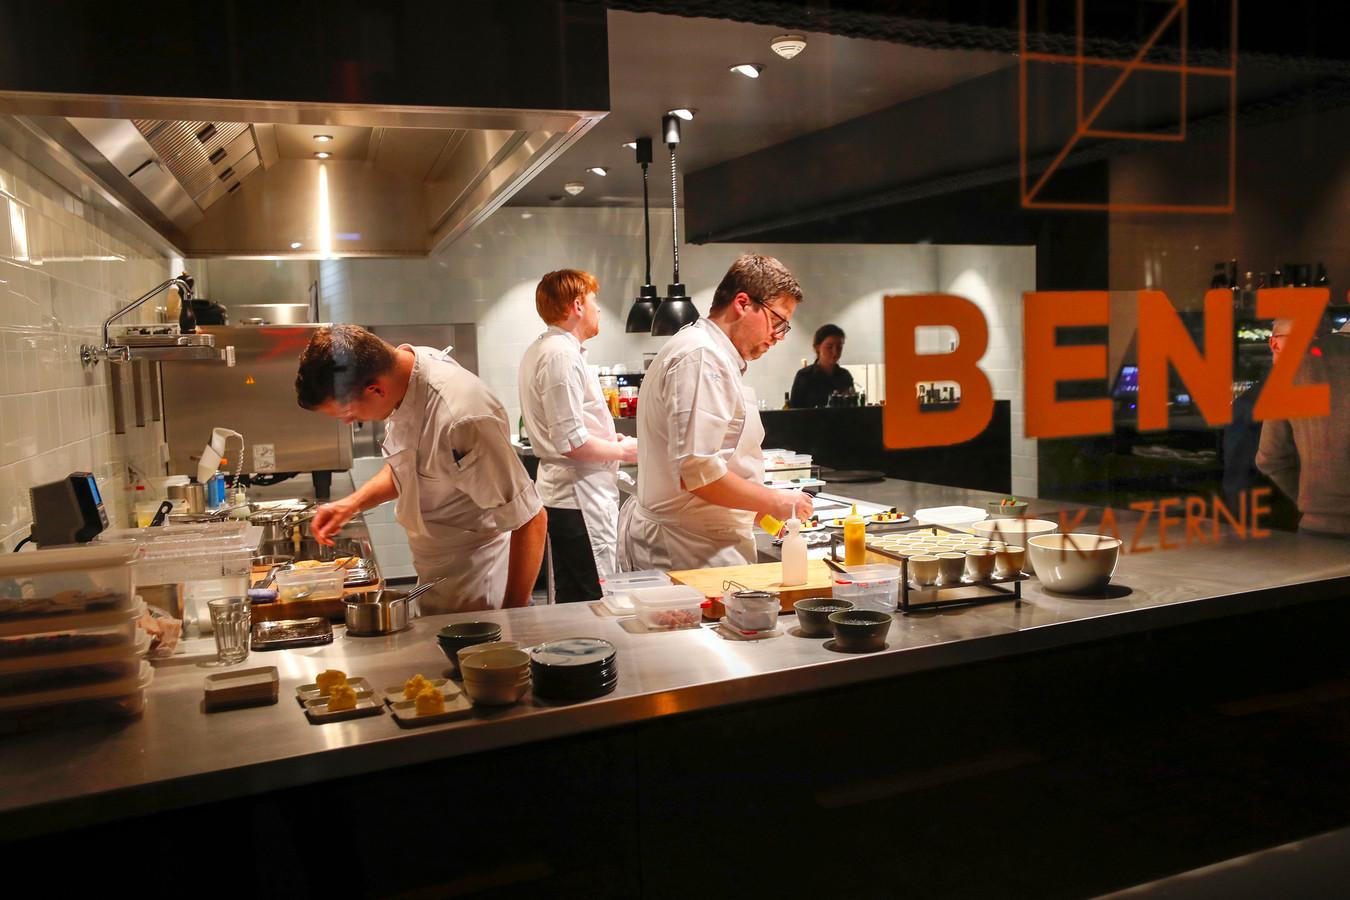 De open keuken van restaurant Benz in De Kazerne is vanaf de straat goed te zien.